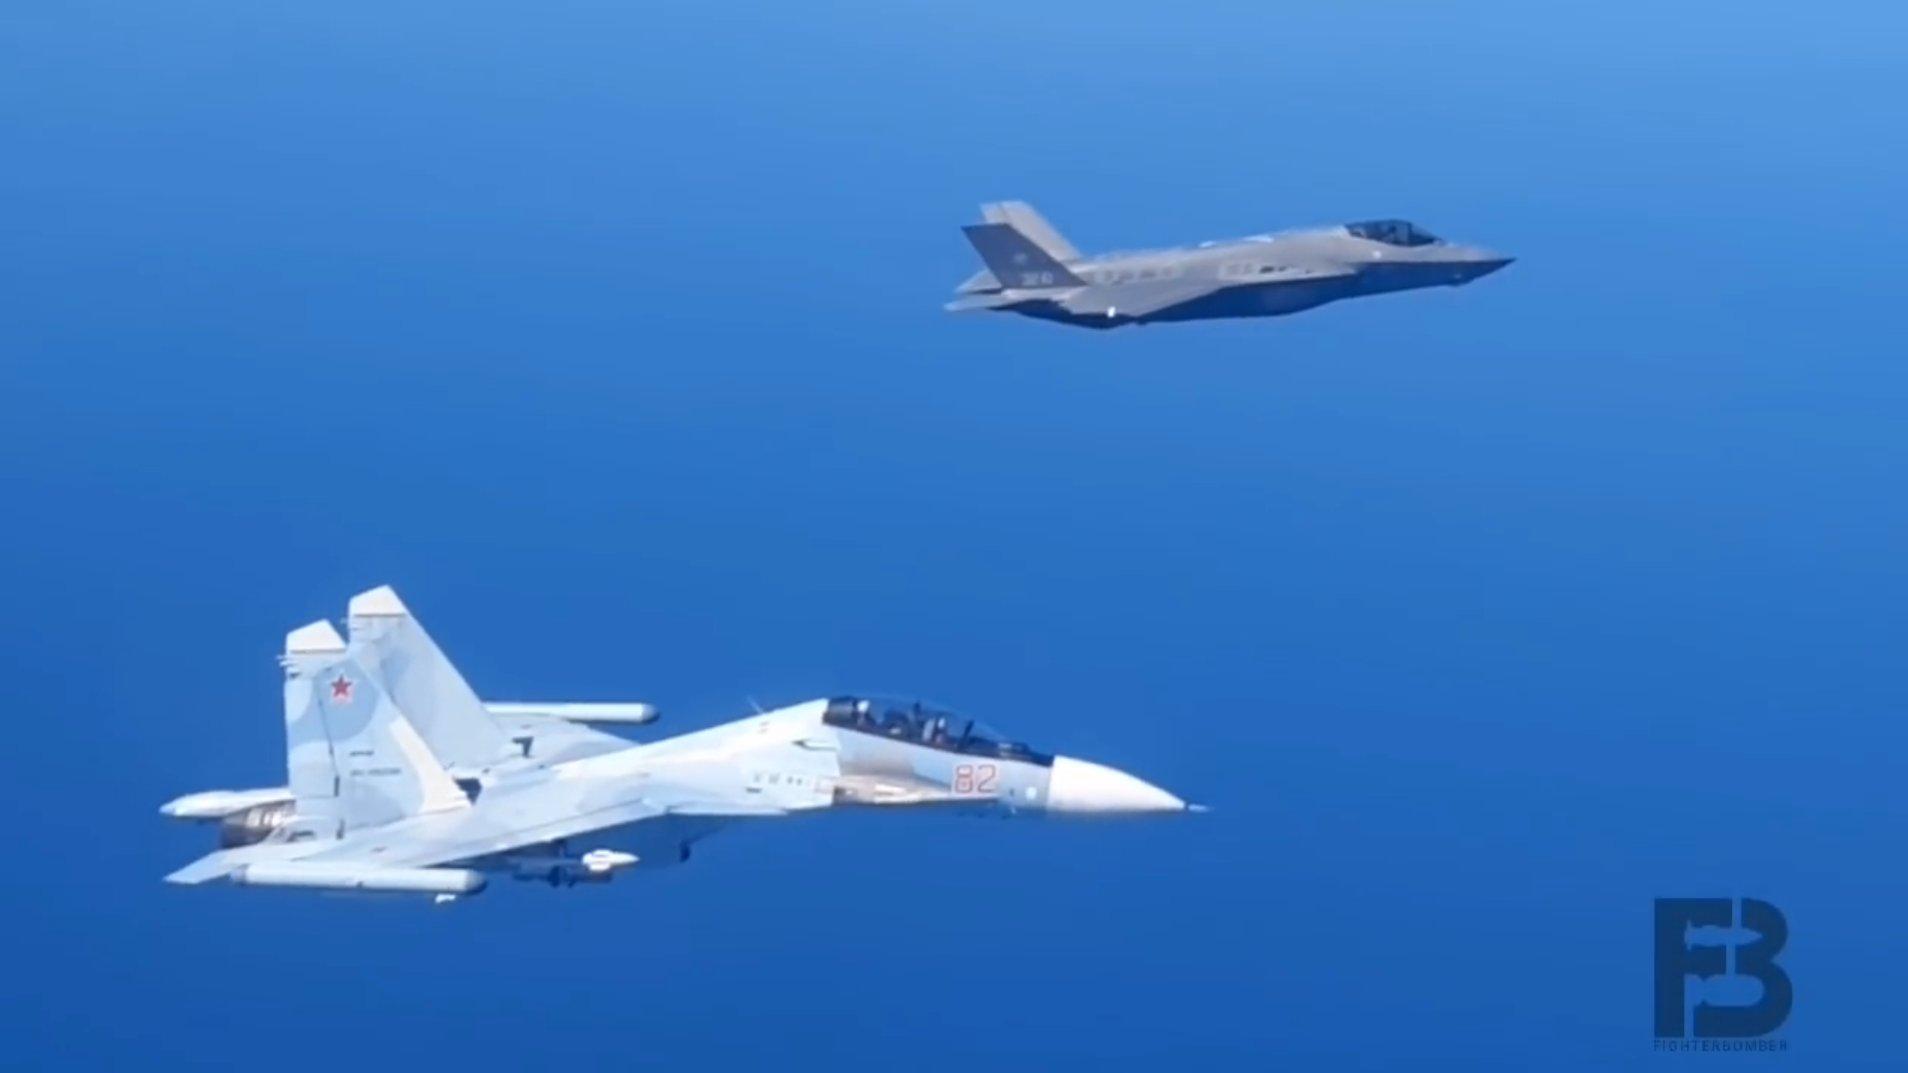 再不走就撞瞭!俄軍重型戰鬥機又秀硬核操作,強行逼退北約F-35